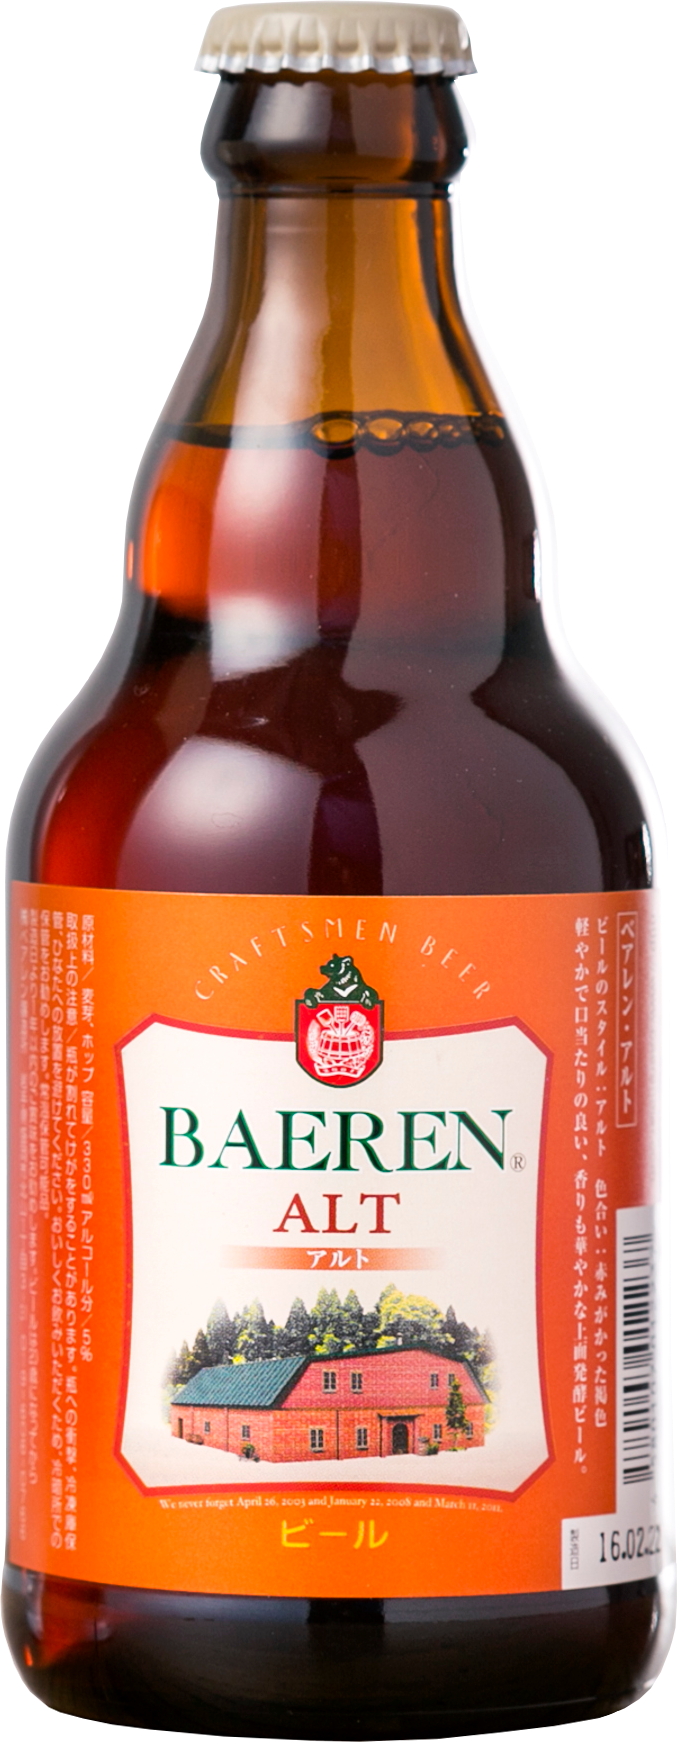 Baeren Alt アルト.png